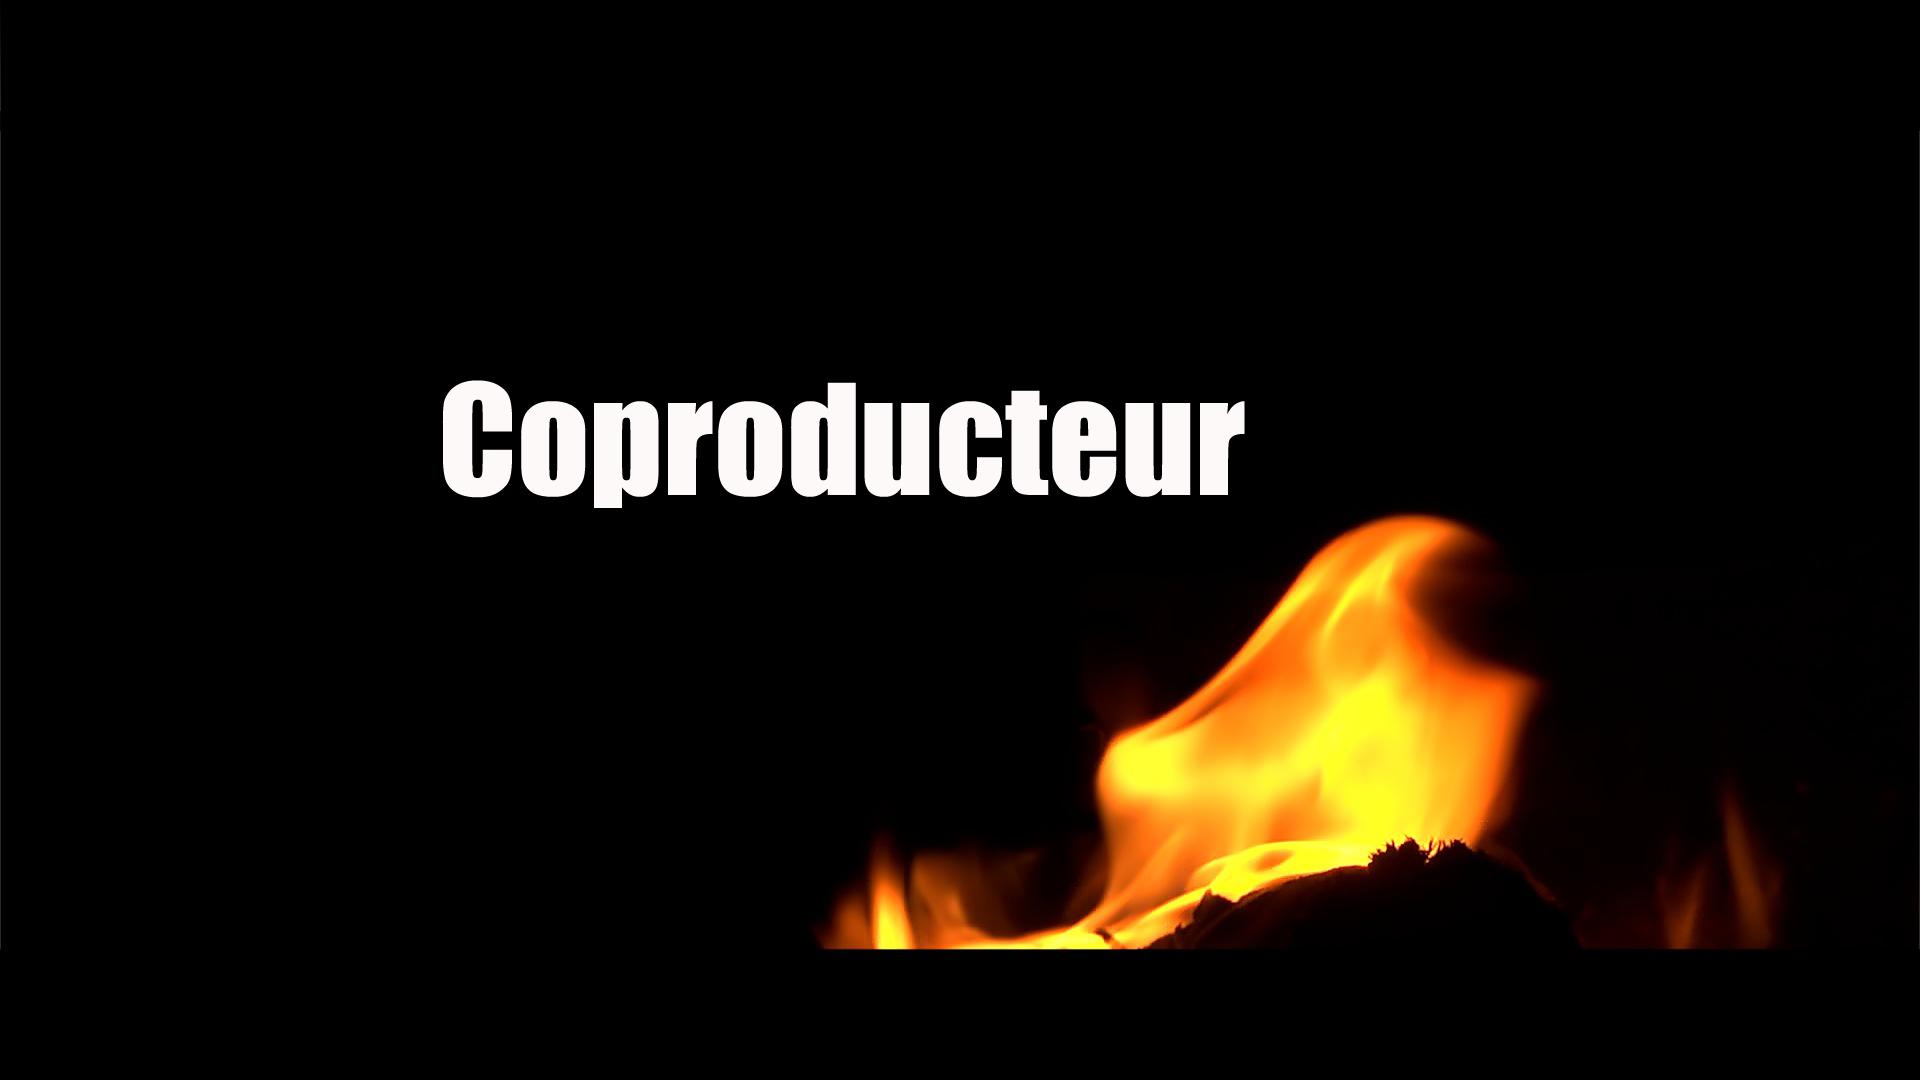 feu11_Coproducteur-1479491481.JPG